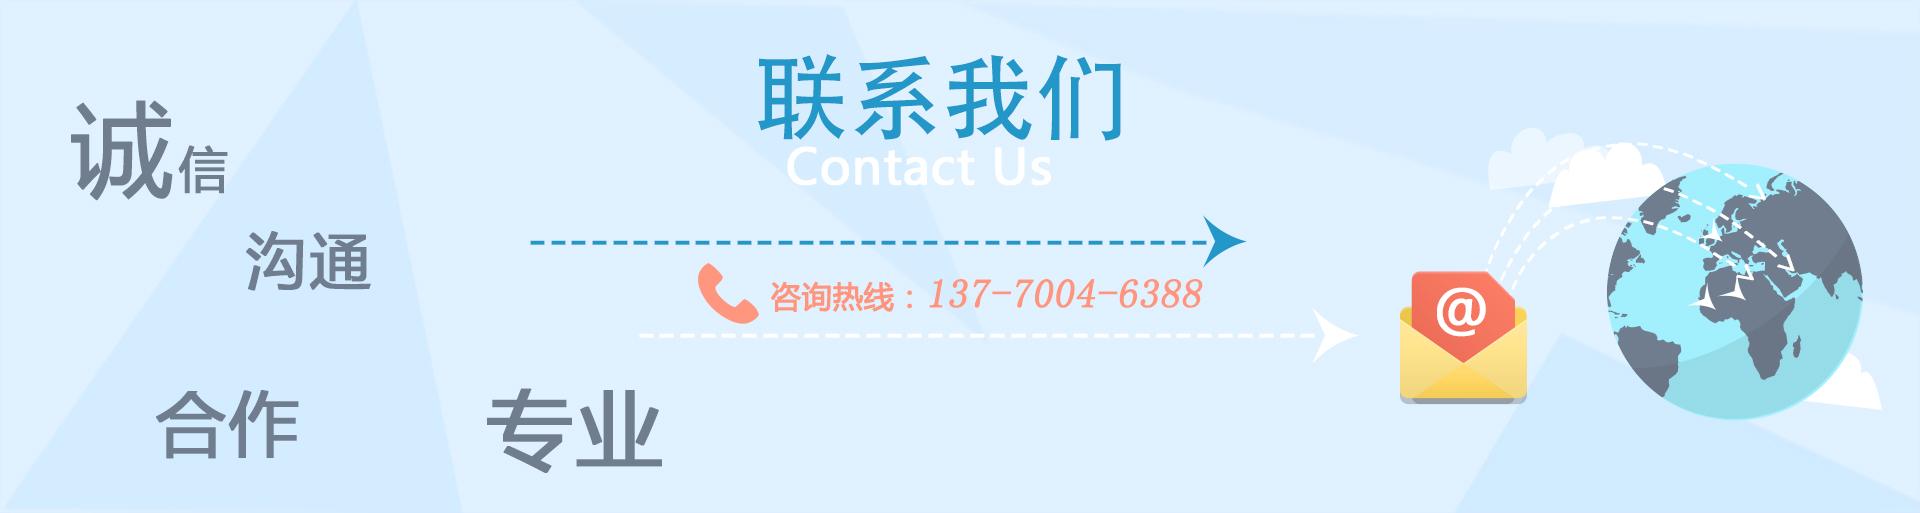 1502152090987946.jpg